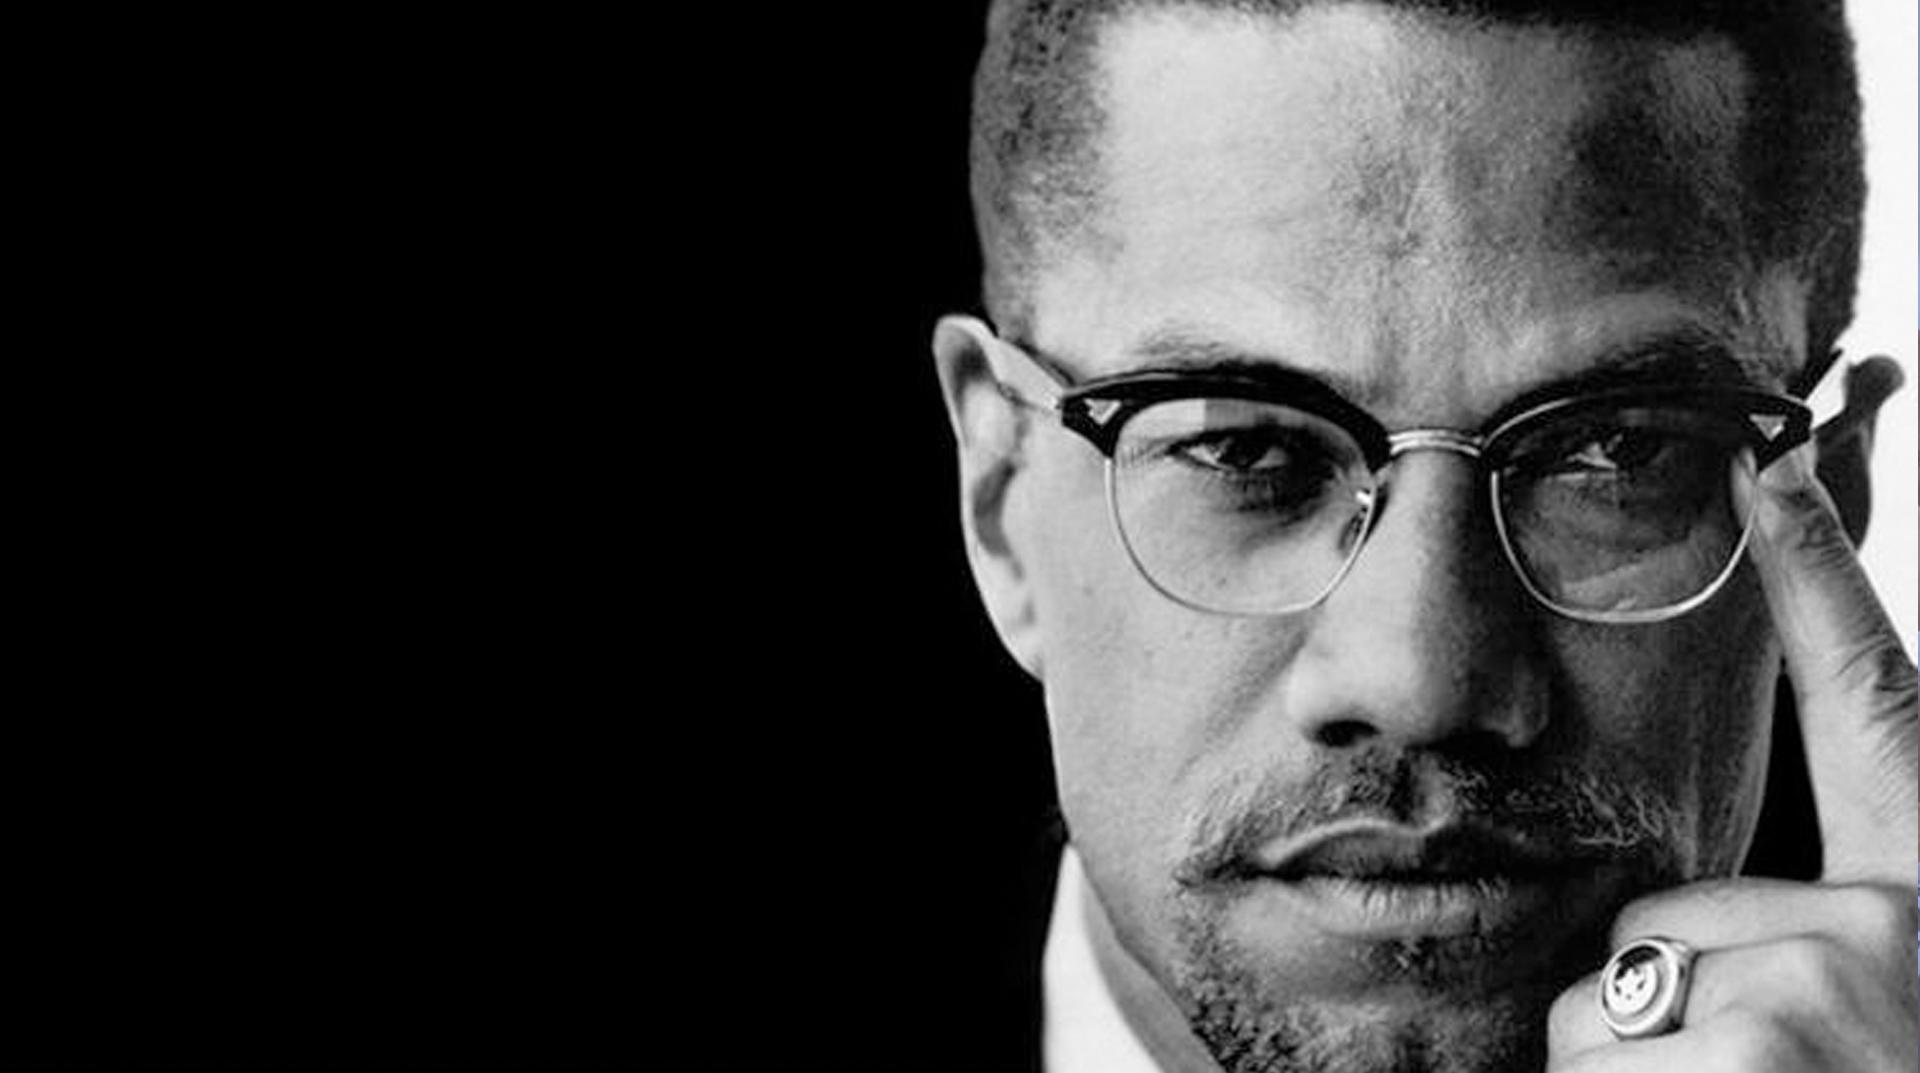 Malcolm X'e suikast dosyası 55 yıl sonra yeniden açılıyor